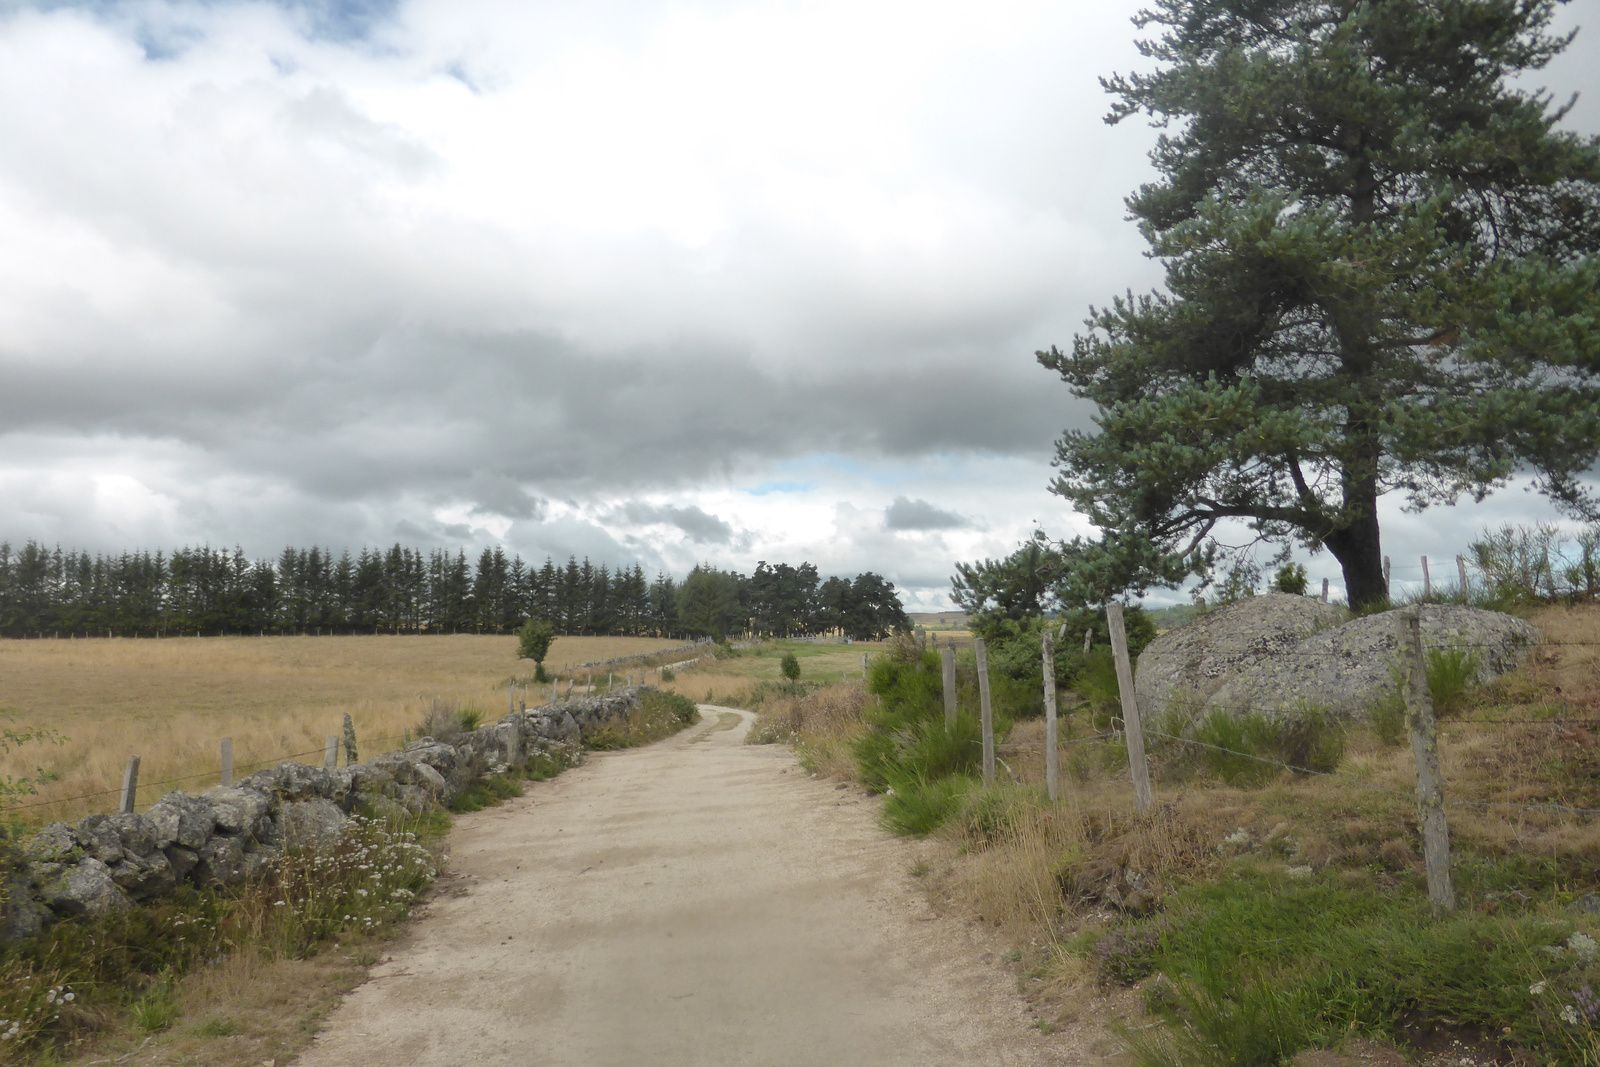 """Après le passage étroit, nous voilà au lieu-dit """"la Rimeize"""" qui est aussi un ruisseau, le secteur est à nouveau plus plat et plus large, mais pas pour très longtemps. Le paysage y est grandiose et nous en  profitons pour admirer et ressentir cet endroit calme et reposant."""